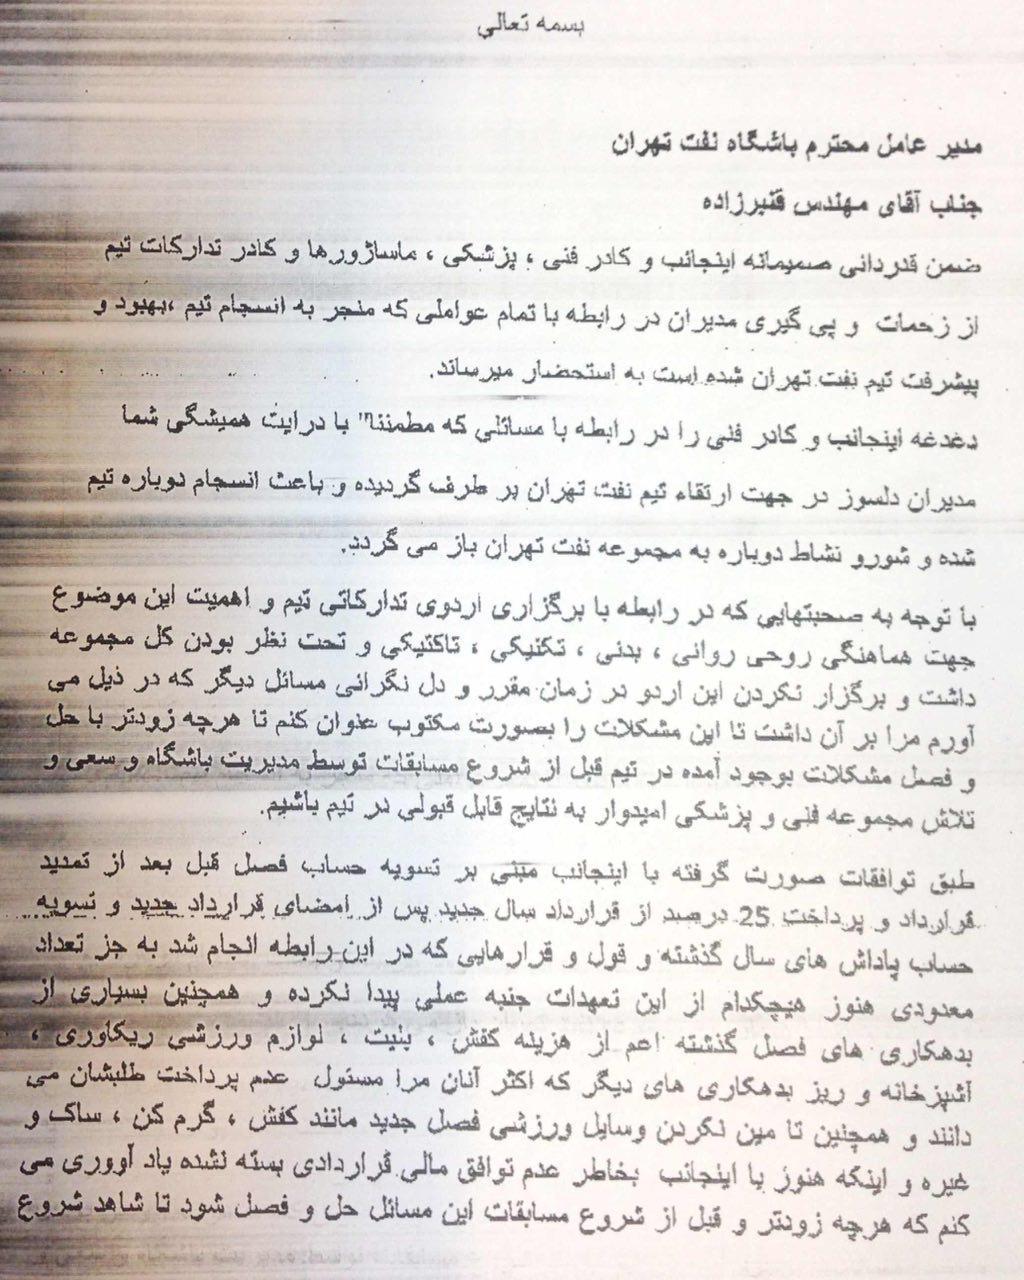 نفت تهران در آستانه اعتصاب بزرگ